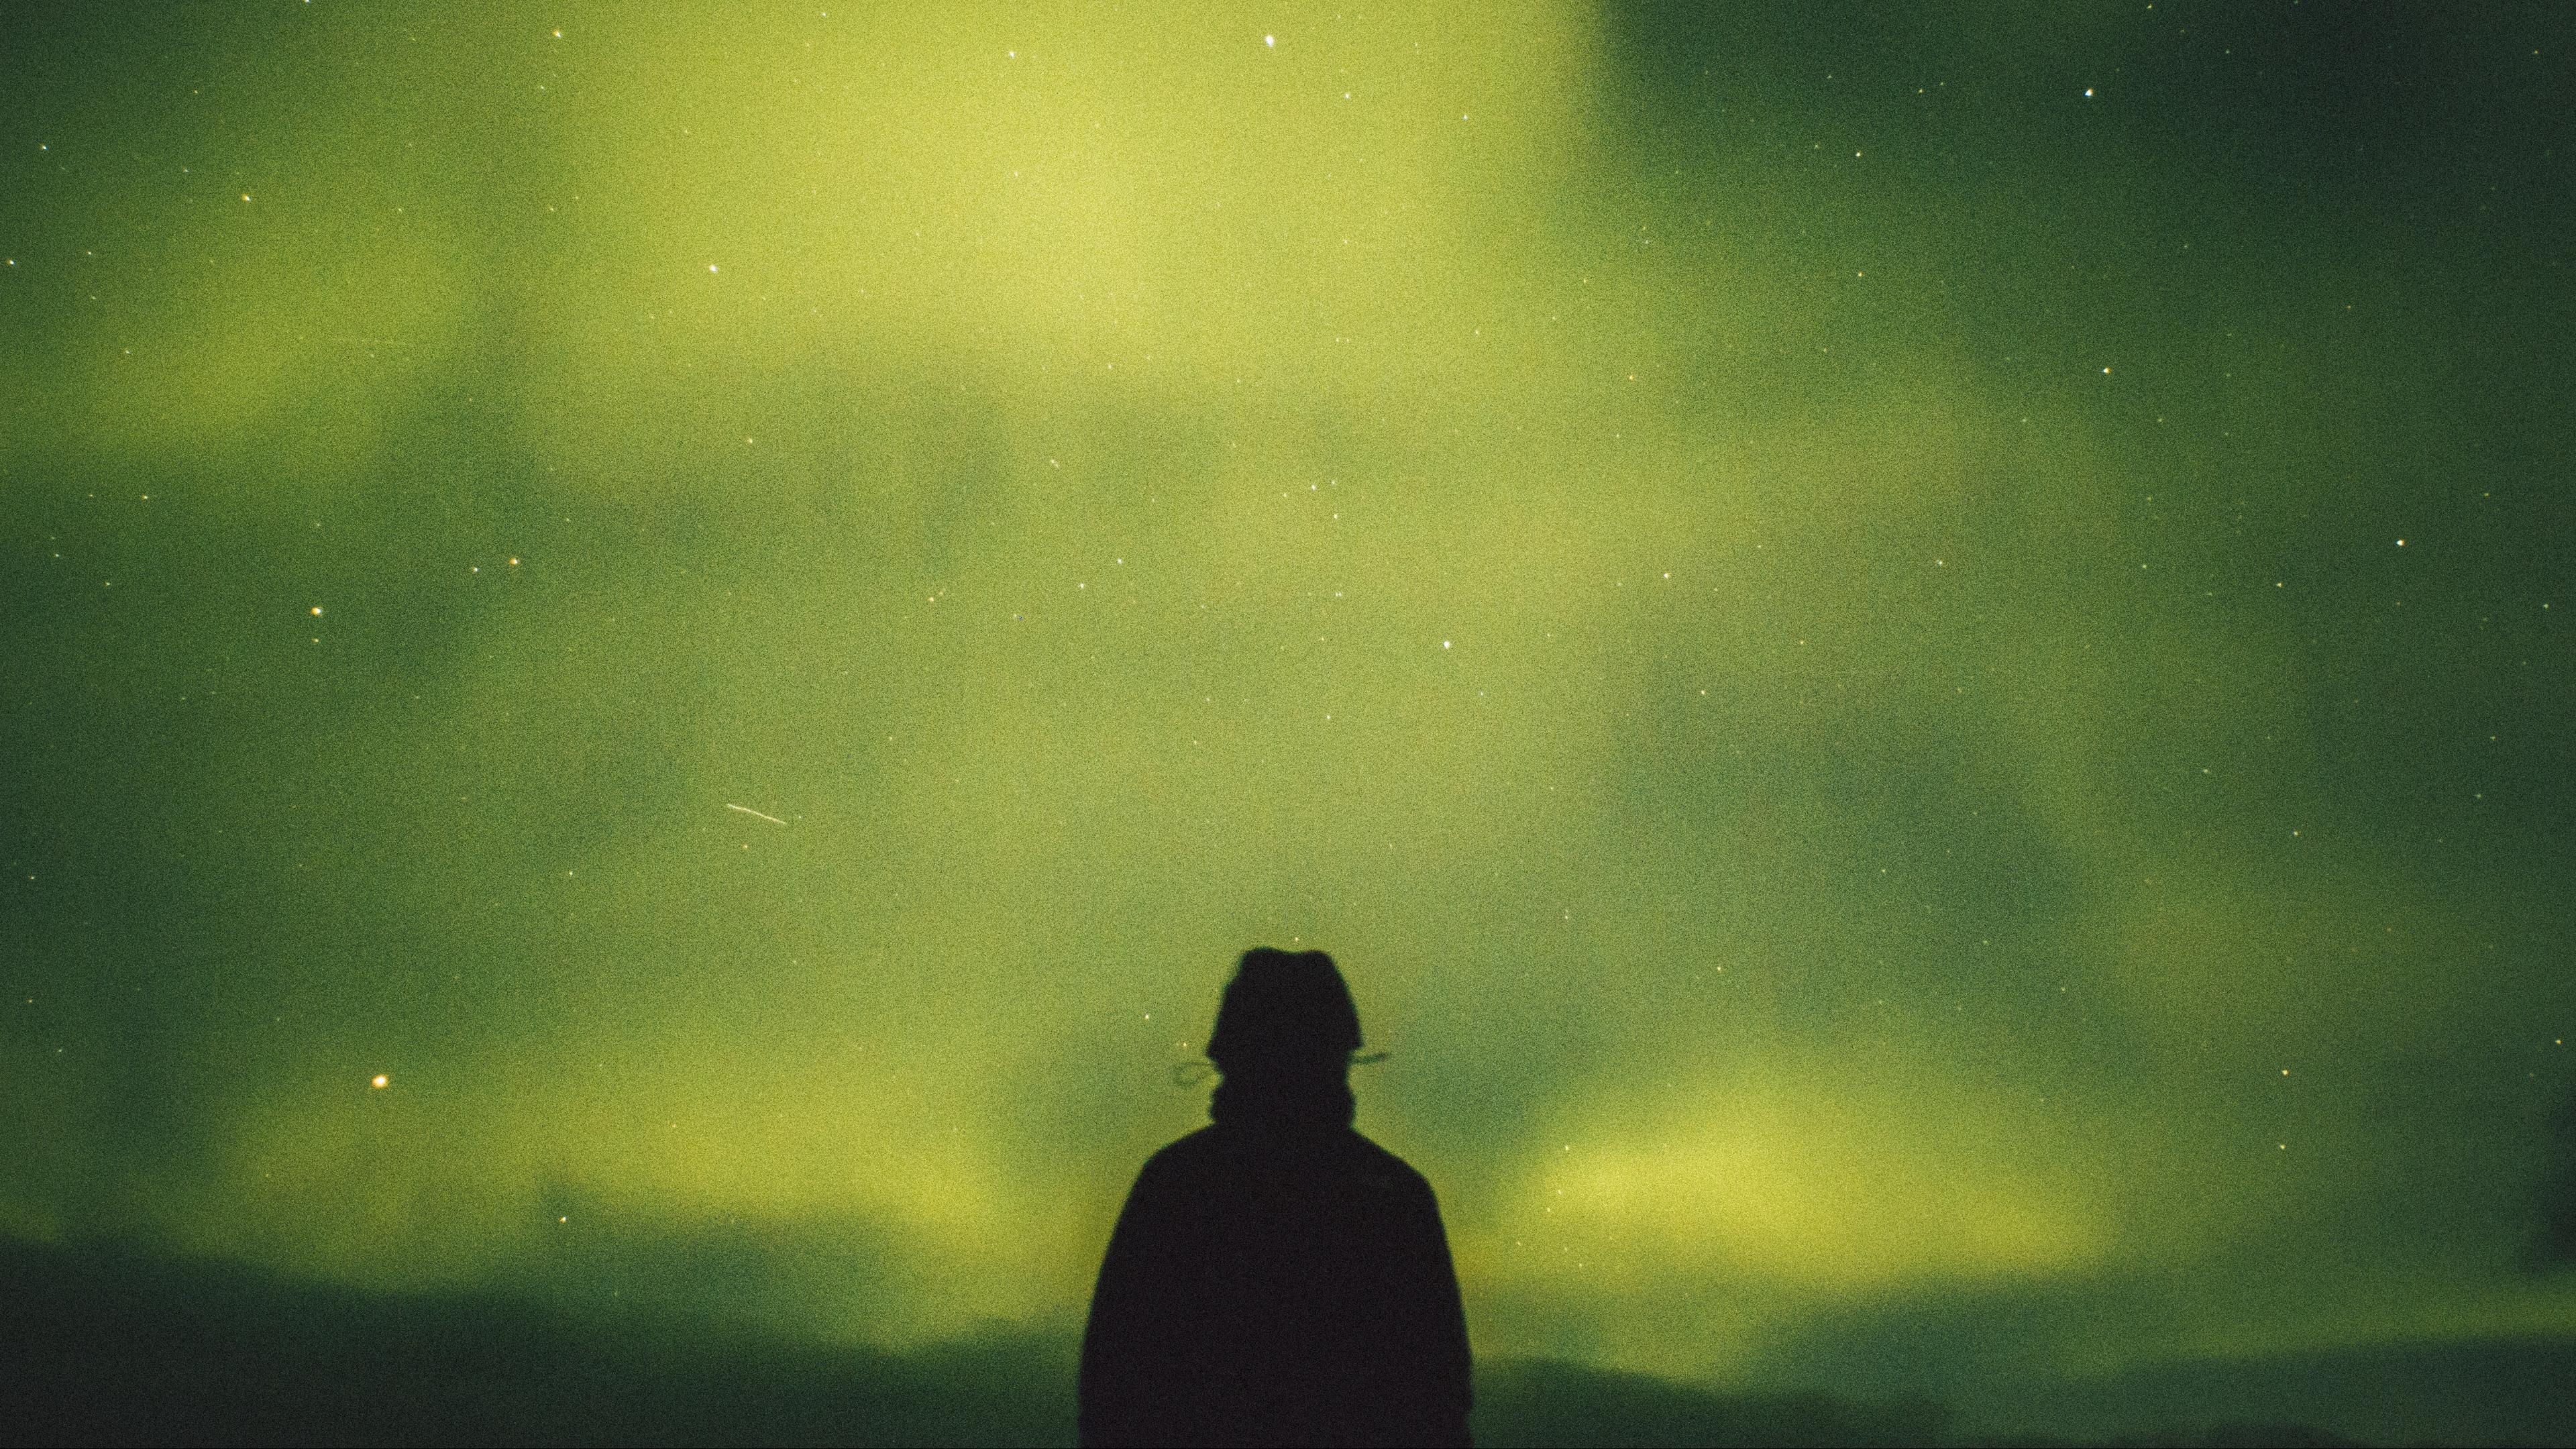 starry sky night silhouette 4k 1536013802 - starry sky, night, silhouette 4k - starry sky, Silhouette, Night